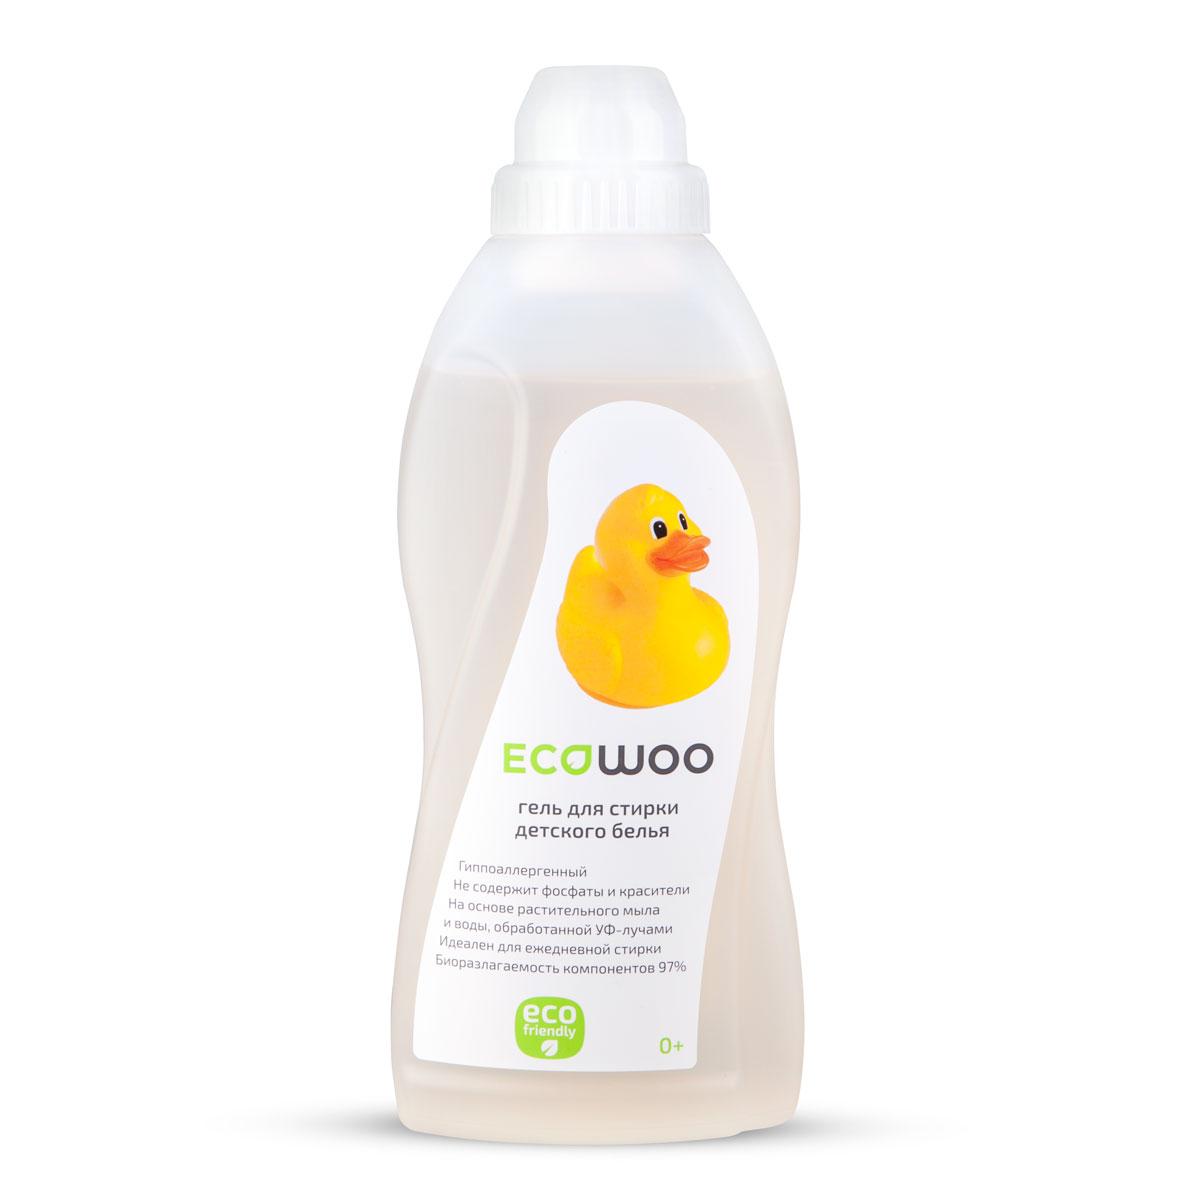 Гель для стирки детского белья EcoWoo, гипоаллергенный, 700 млЕ088156Гипоаллергенный гель EcoWoo подходит для стирки детского белья с первых дней жизни ребенка. Средство на основе растительного мыла и воды, обработанной УФ- лучами, не содержит фосфаты и красители. Идеален для ежедневной стирки. Биоразлагаемость компонентов 97%. Рецептура на основе натурального мыла разработана специально для чувствительной детской кожи с первых дней жизни. Состав: вода специально подготовленная, АПАВ 5-15%, растительное мыло 5-15%, НПАВ менее 5%, гипоаллергенная отдушка, консервант. Товар сертифицирован.